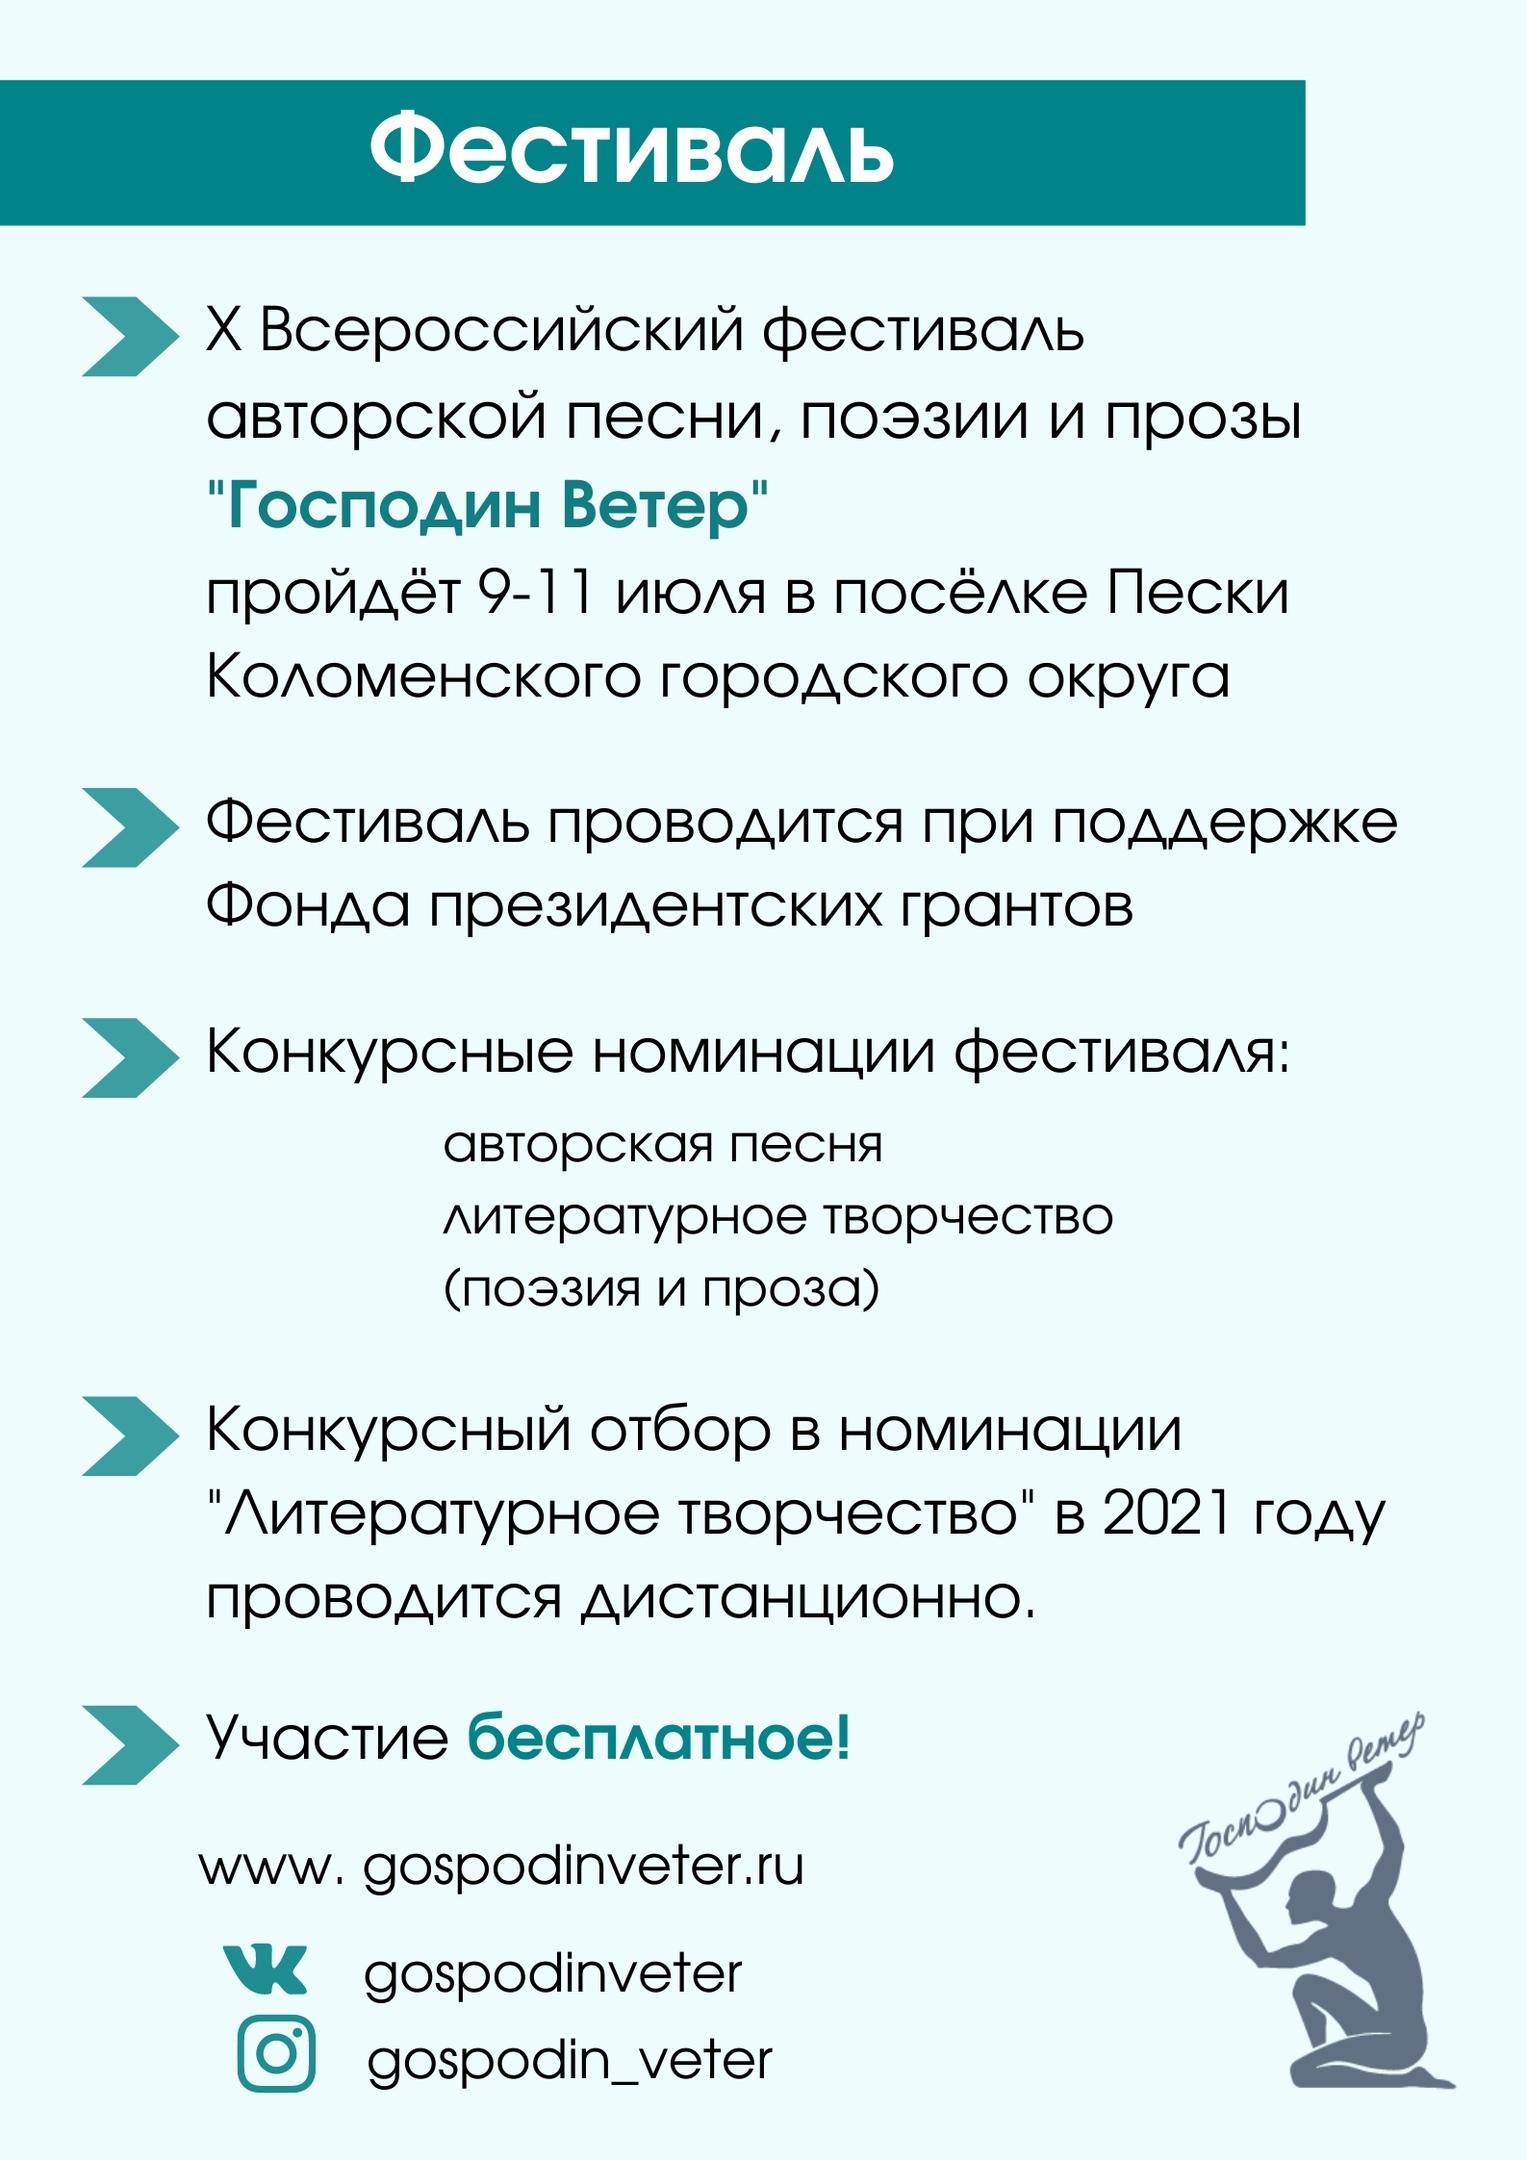 Коломенская «Лига» открыла прием заявок на участие в фестивале «Господин Ветер»